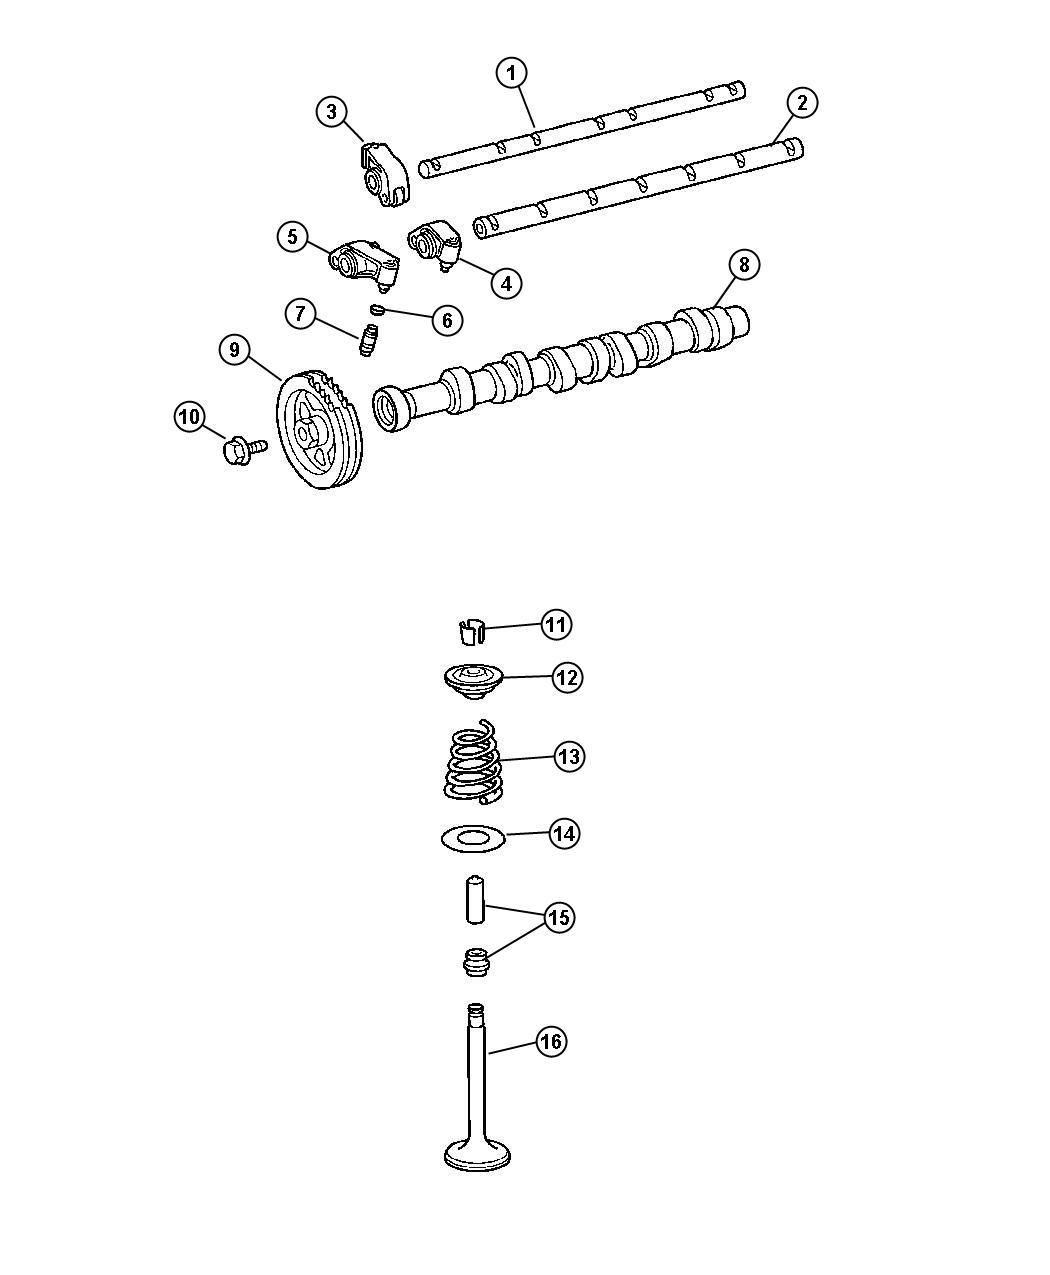 Chrysler Crossfire Rocker Arm. Intake. Intake Valve [#1